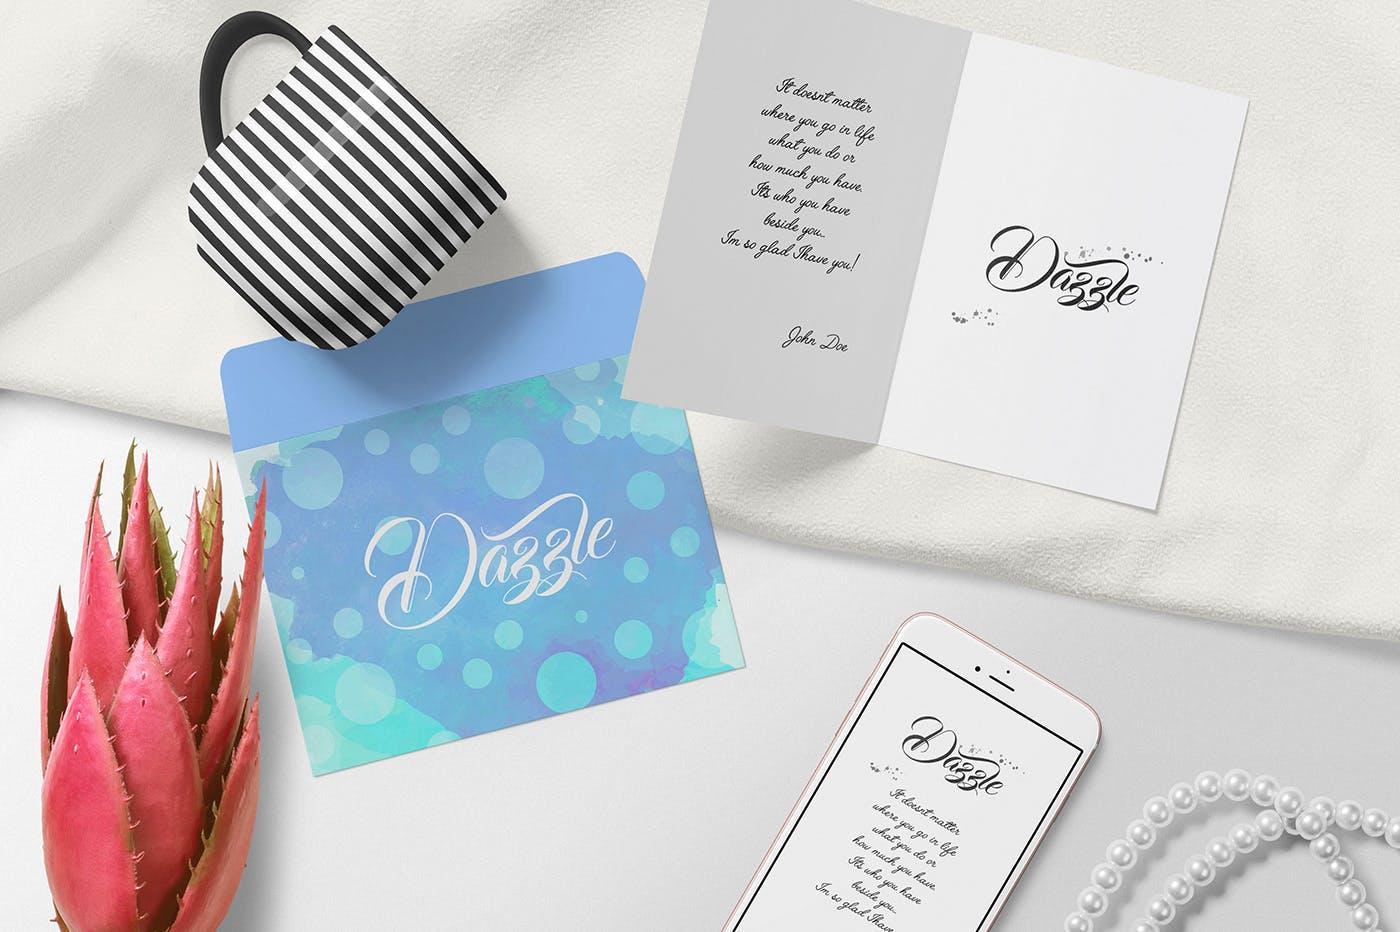 邀请函杯子样机笔记本样机素材模板 Gorgeous Card & Envelope Mockup Scenes